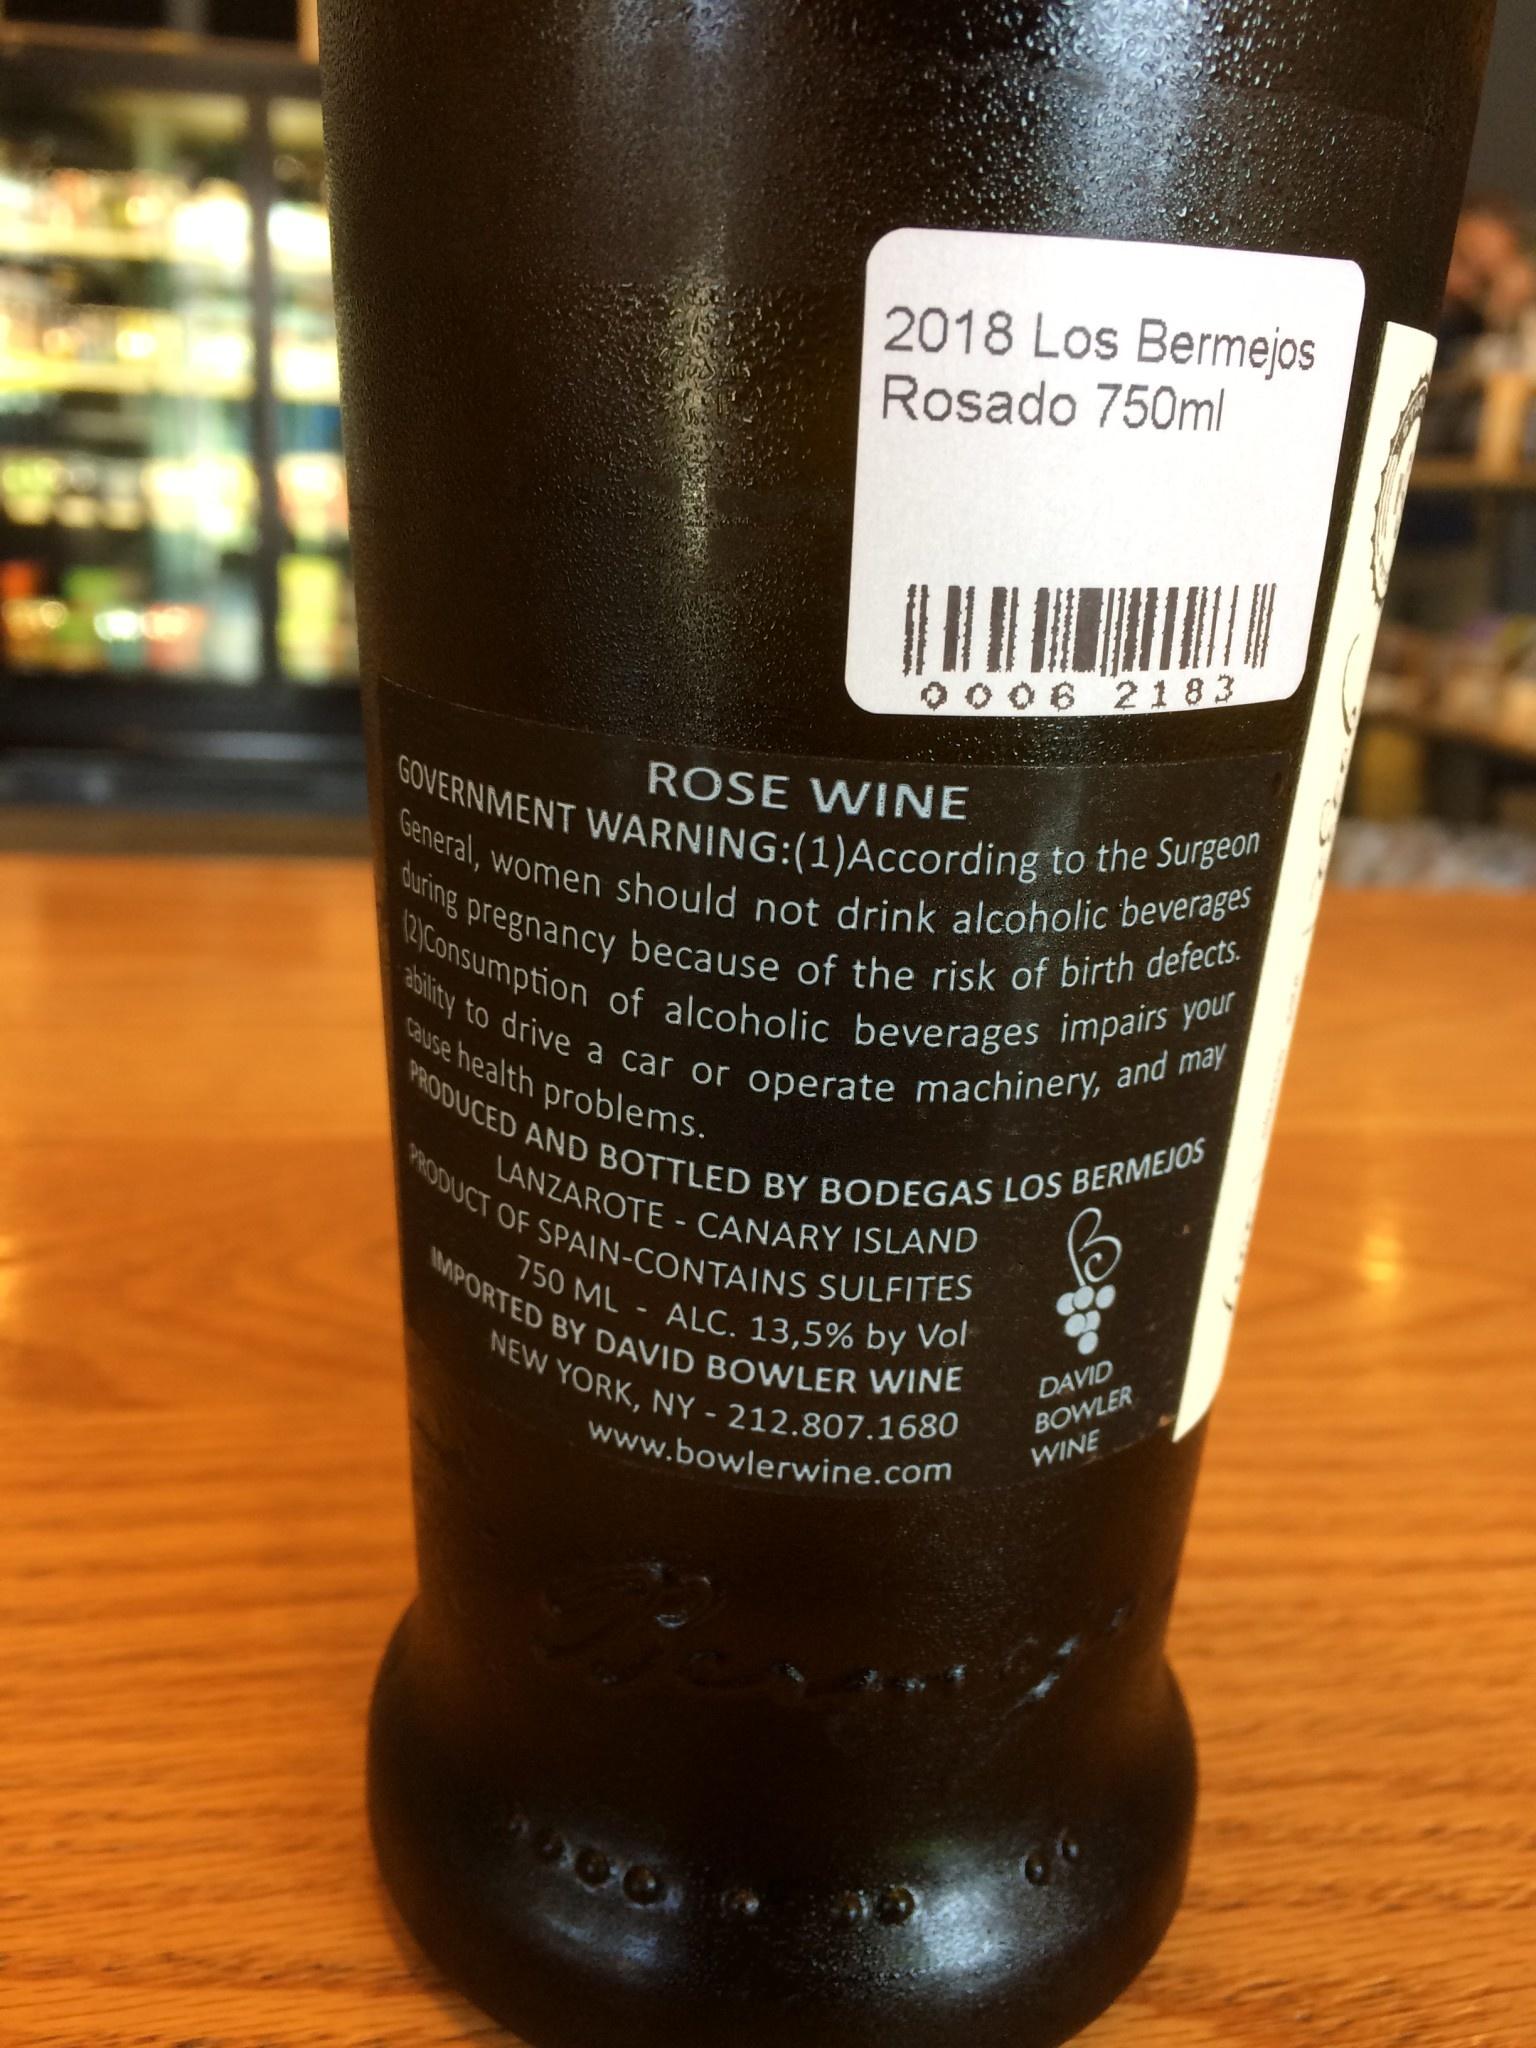 2018 Los Bermejos Rosado 750ml